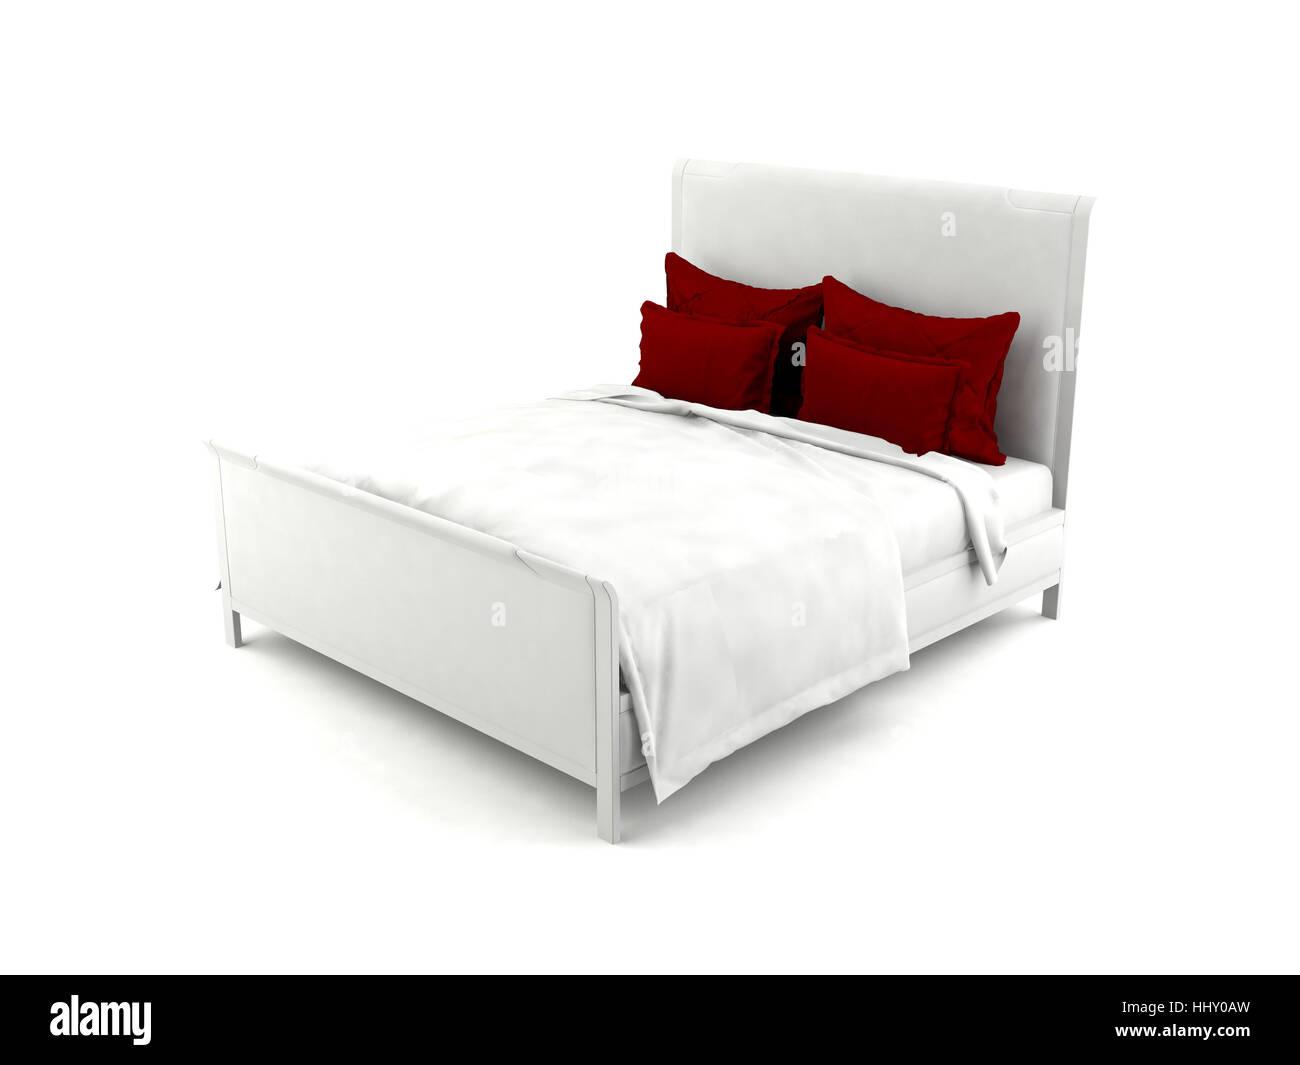 Letto bianco con cuscini di colore rosso Immagini Stock